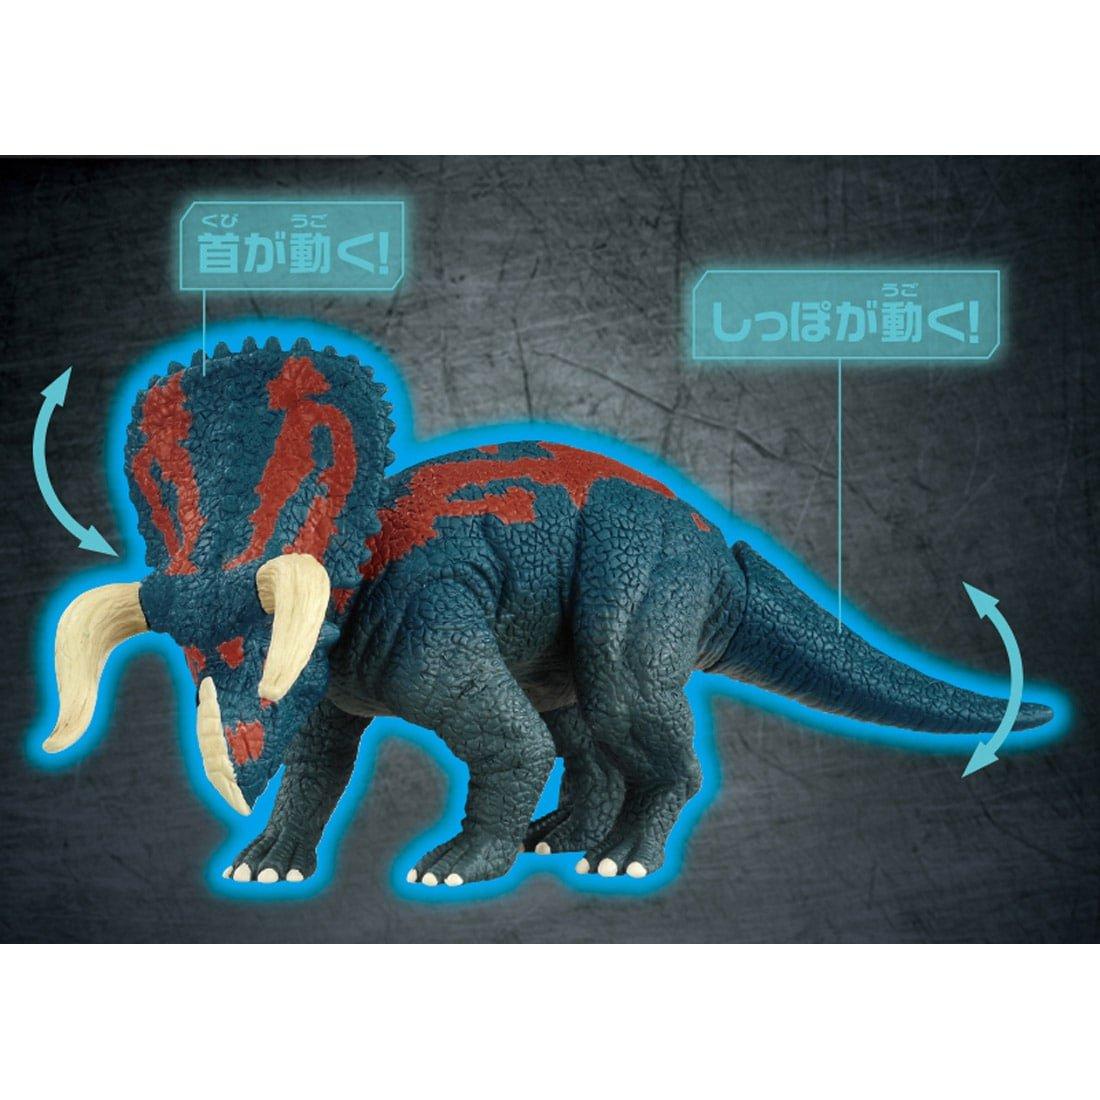 TOMY動物模型 侏儸紀世界大鼻角龍